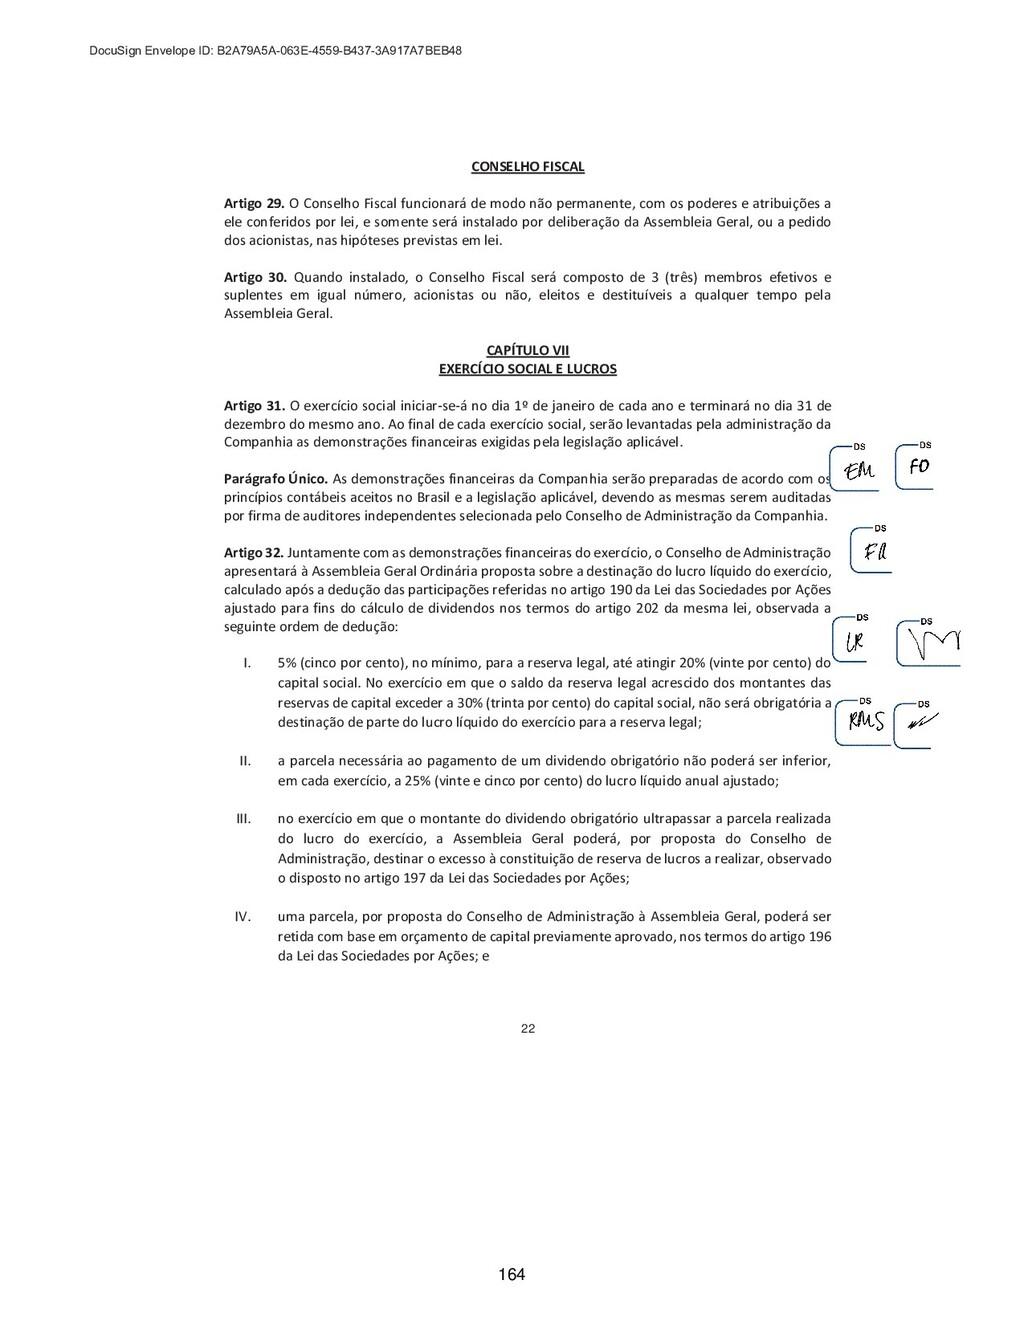 22 CONSELHO FISCAL Artigo 29. O Conselho Fiscal...